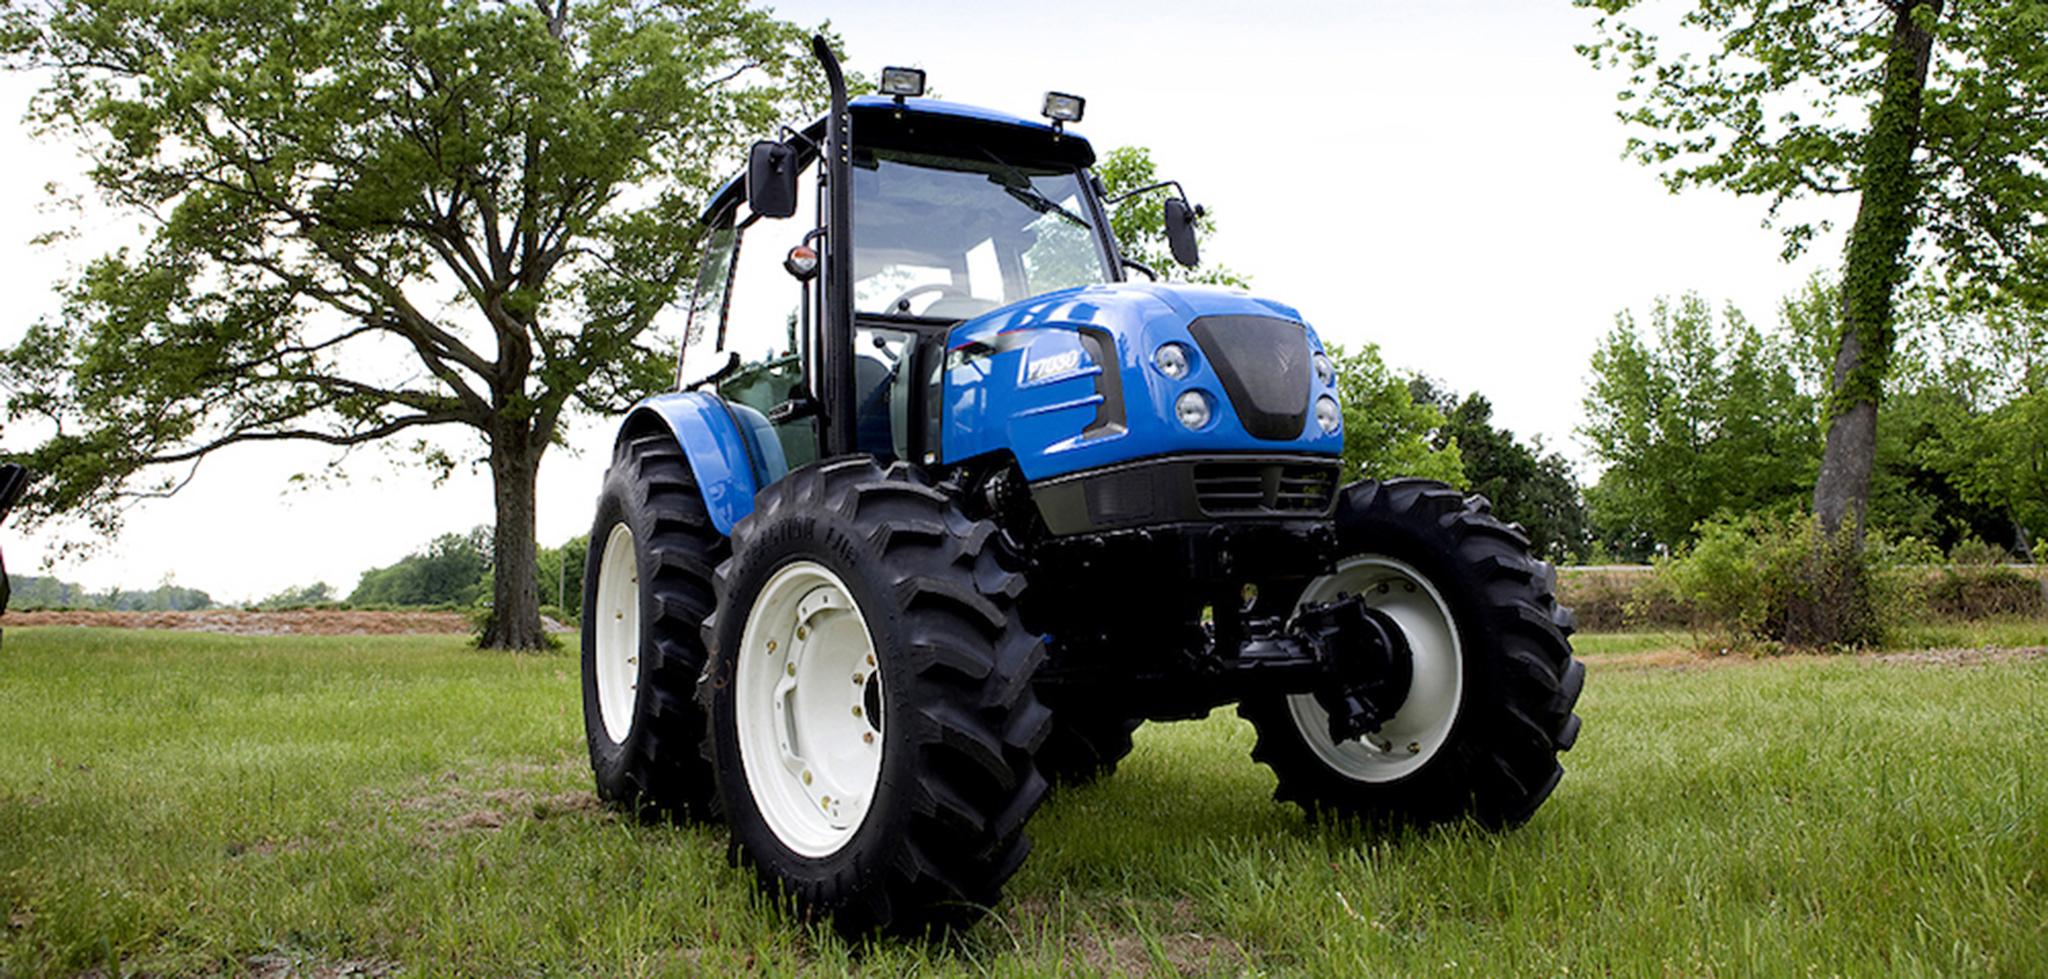 Raspisan je konkurs grada Beograda za subvencionisanje nabavke traktora i priklјučnih mašina za 2020. godinu